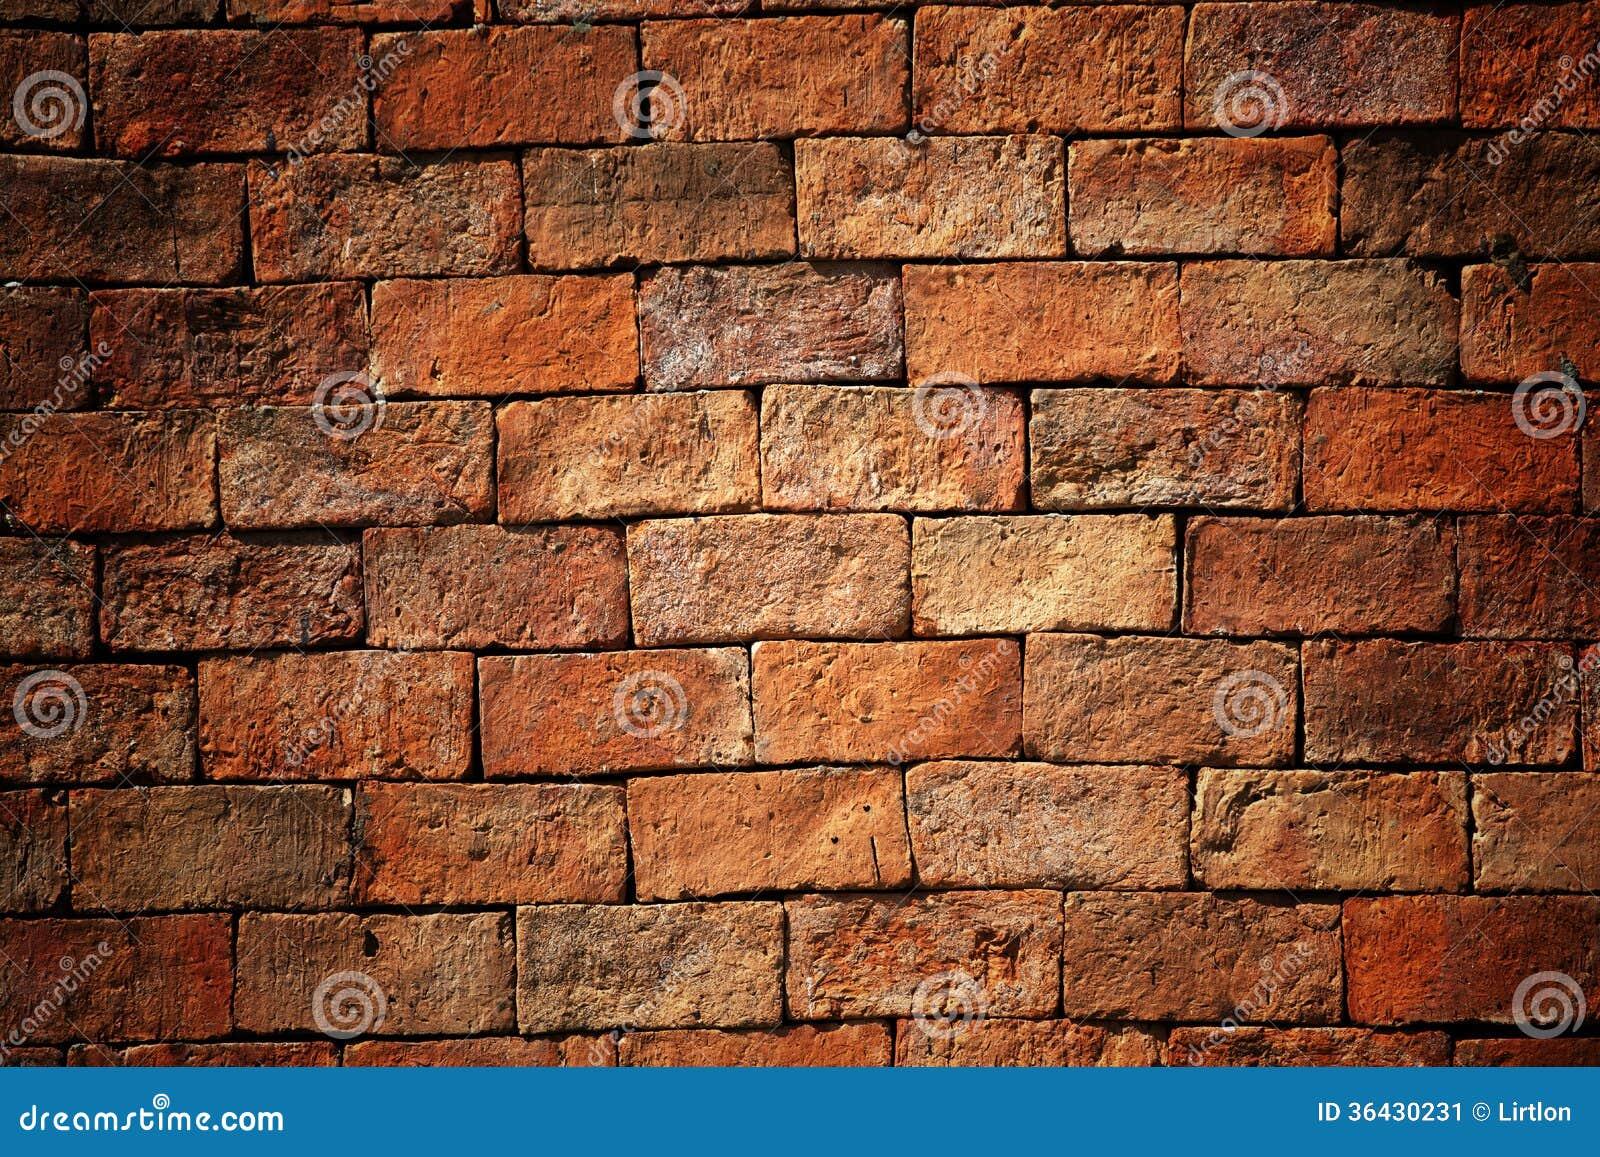 Brick wall pattern background stock image image 36430231 - Brick wall patterns designs ...